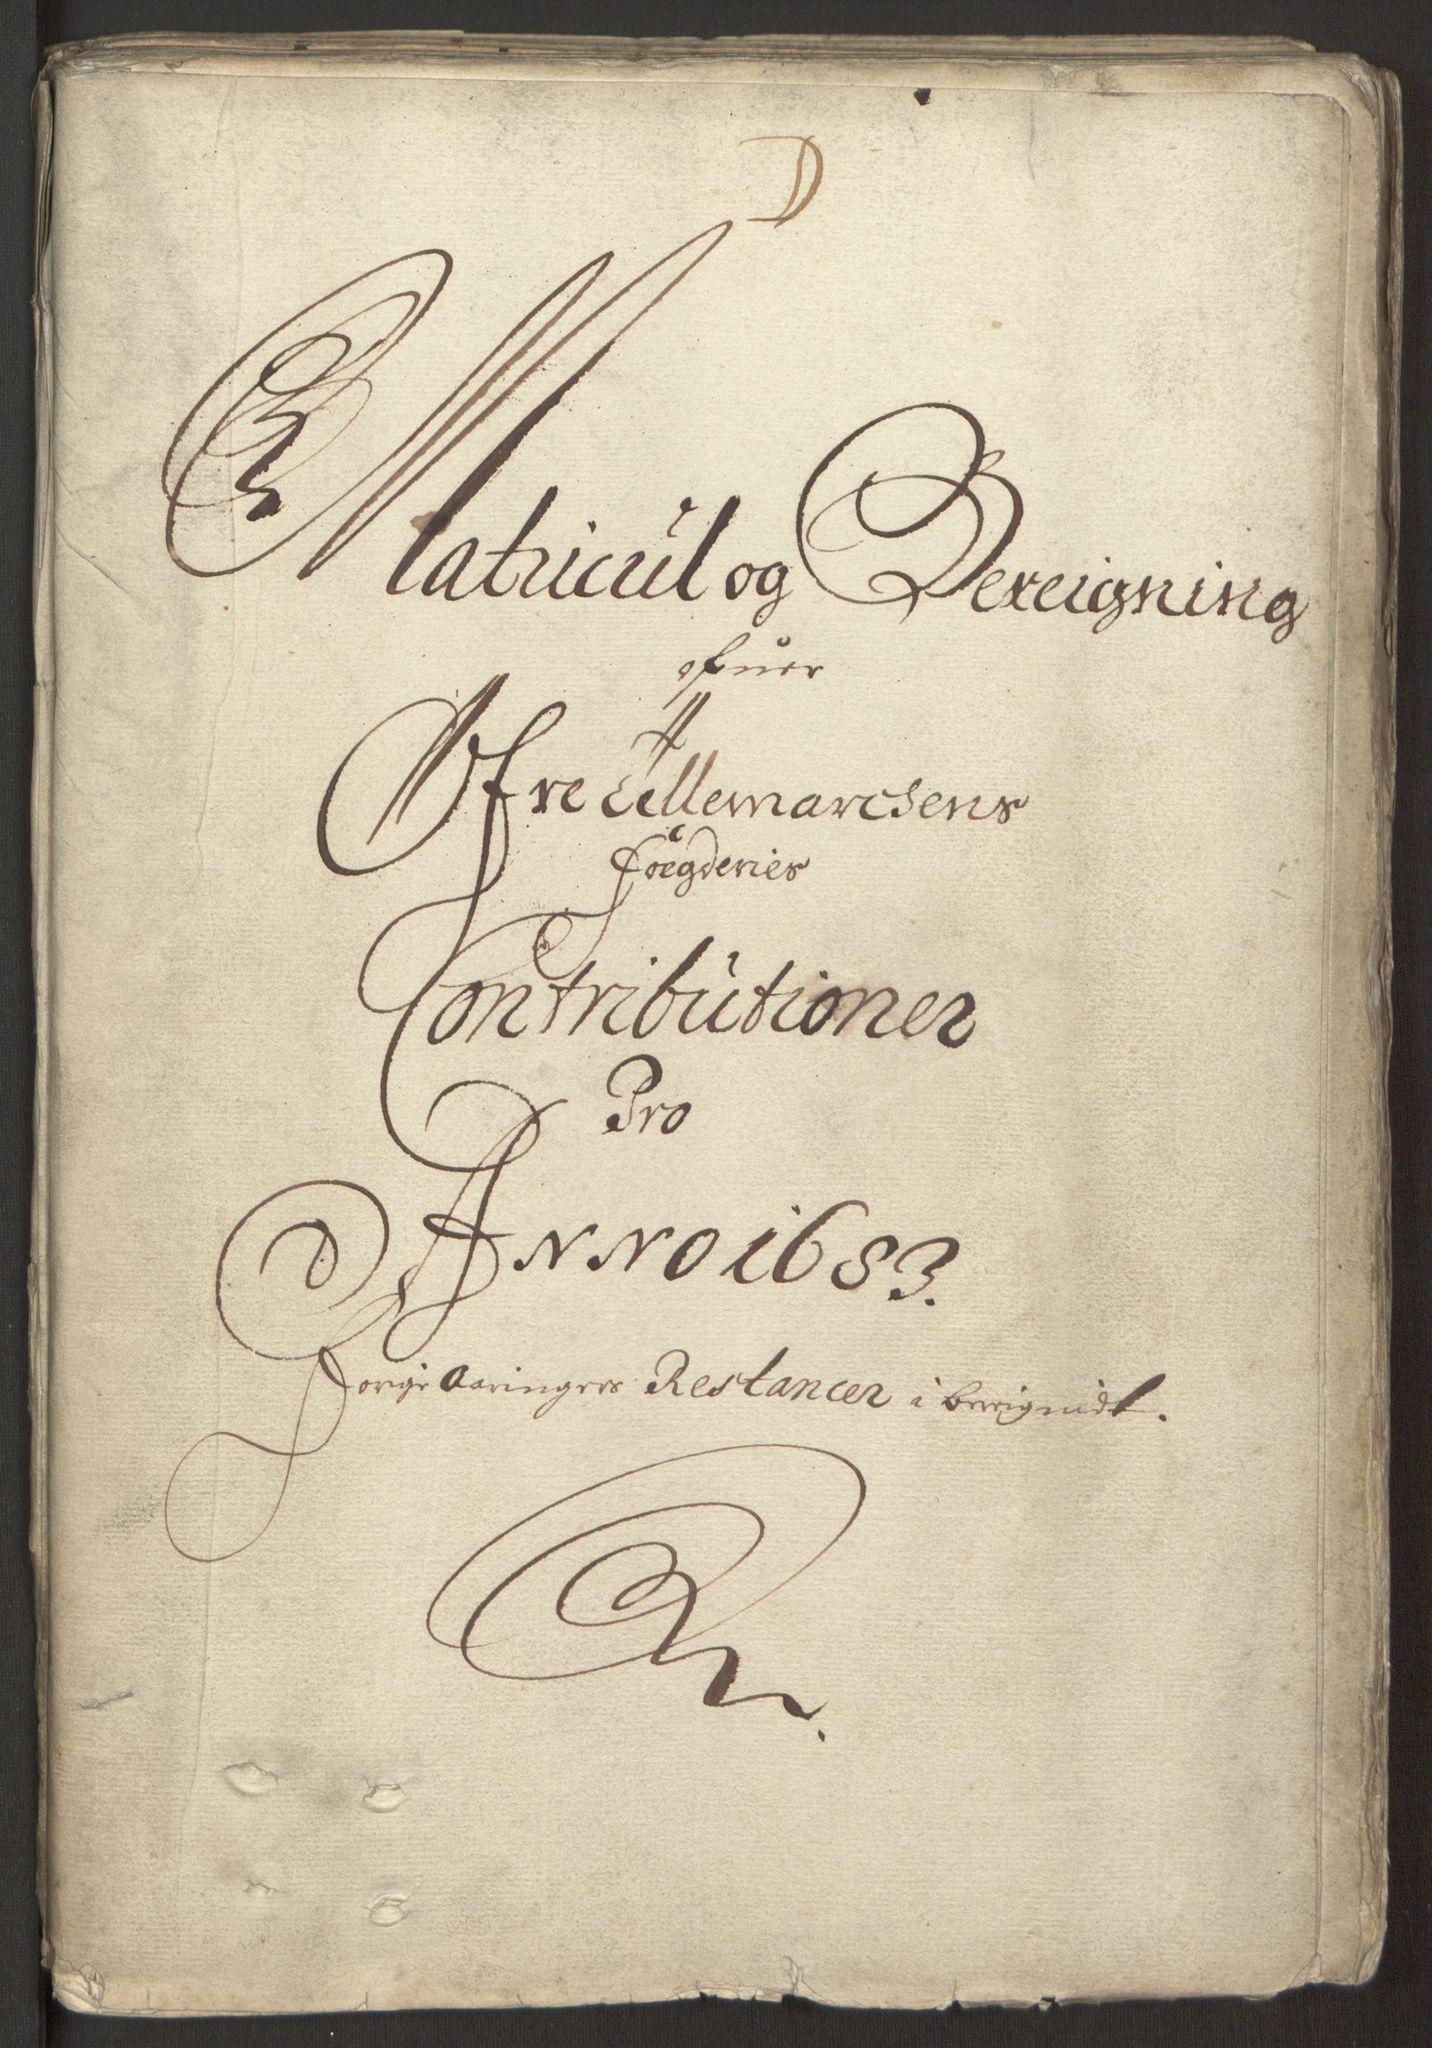 RA, Rentekammeret inntil 1814, Reviderte regnskaper, Fogderegnskap, R35/L2079: Fogderegnskap Øvre og Nedre Telemark, 1680-1684, s. 50